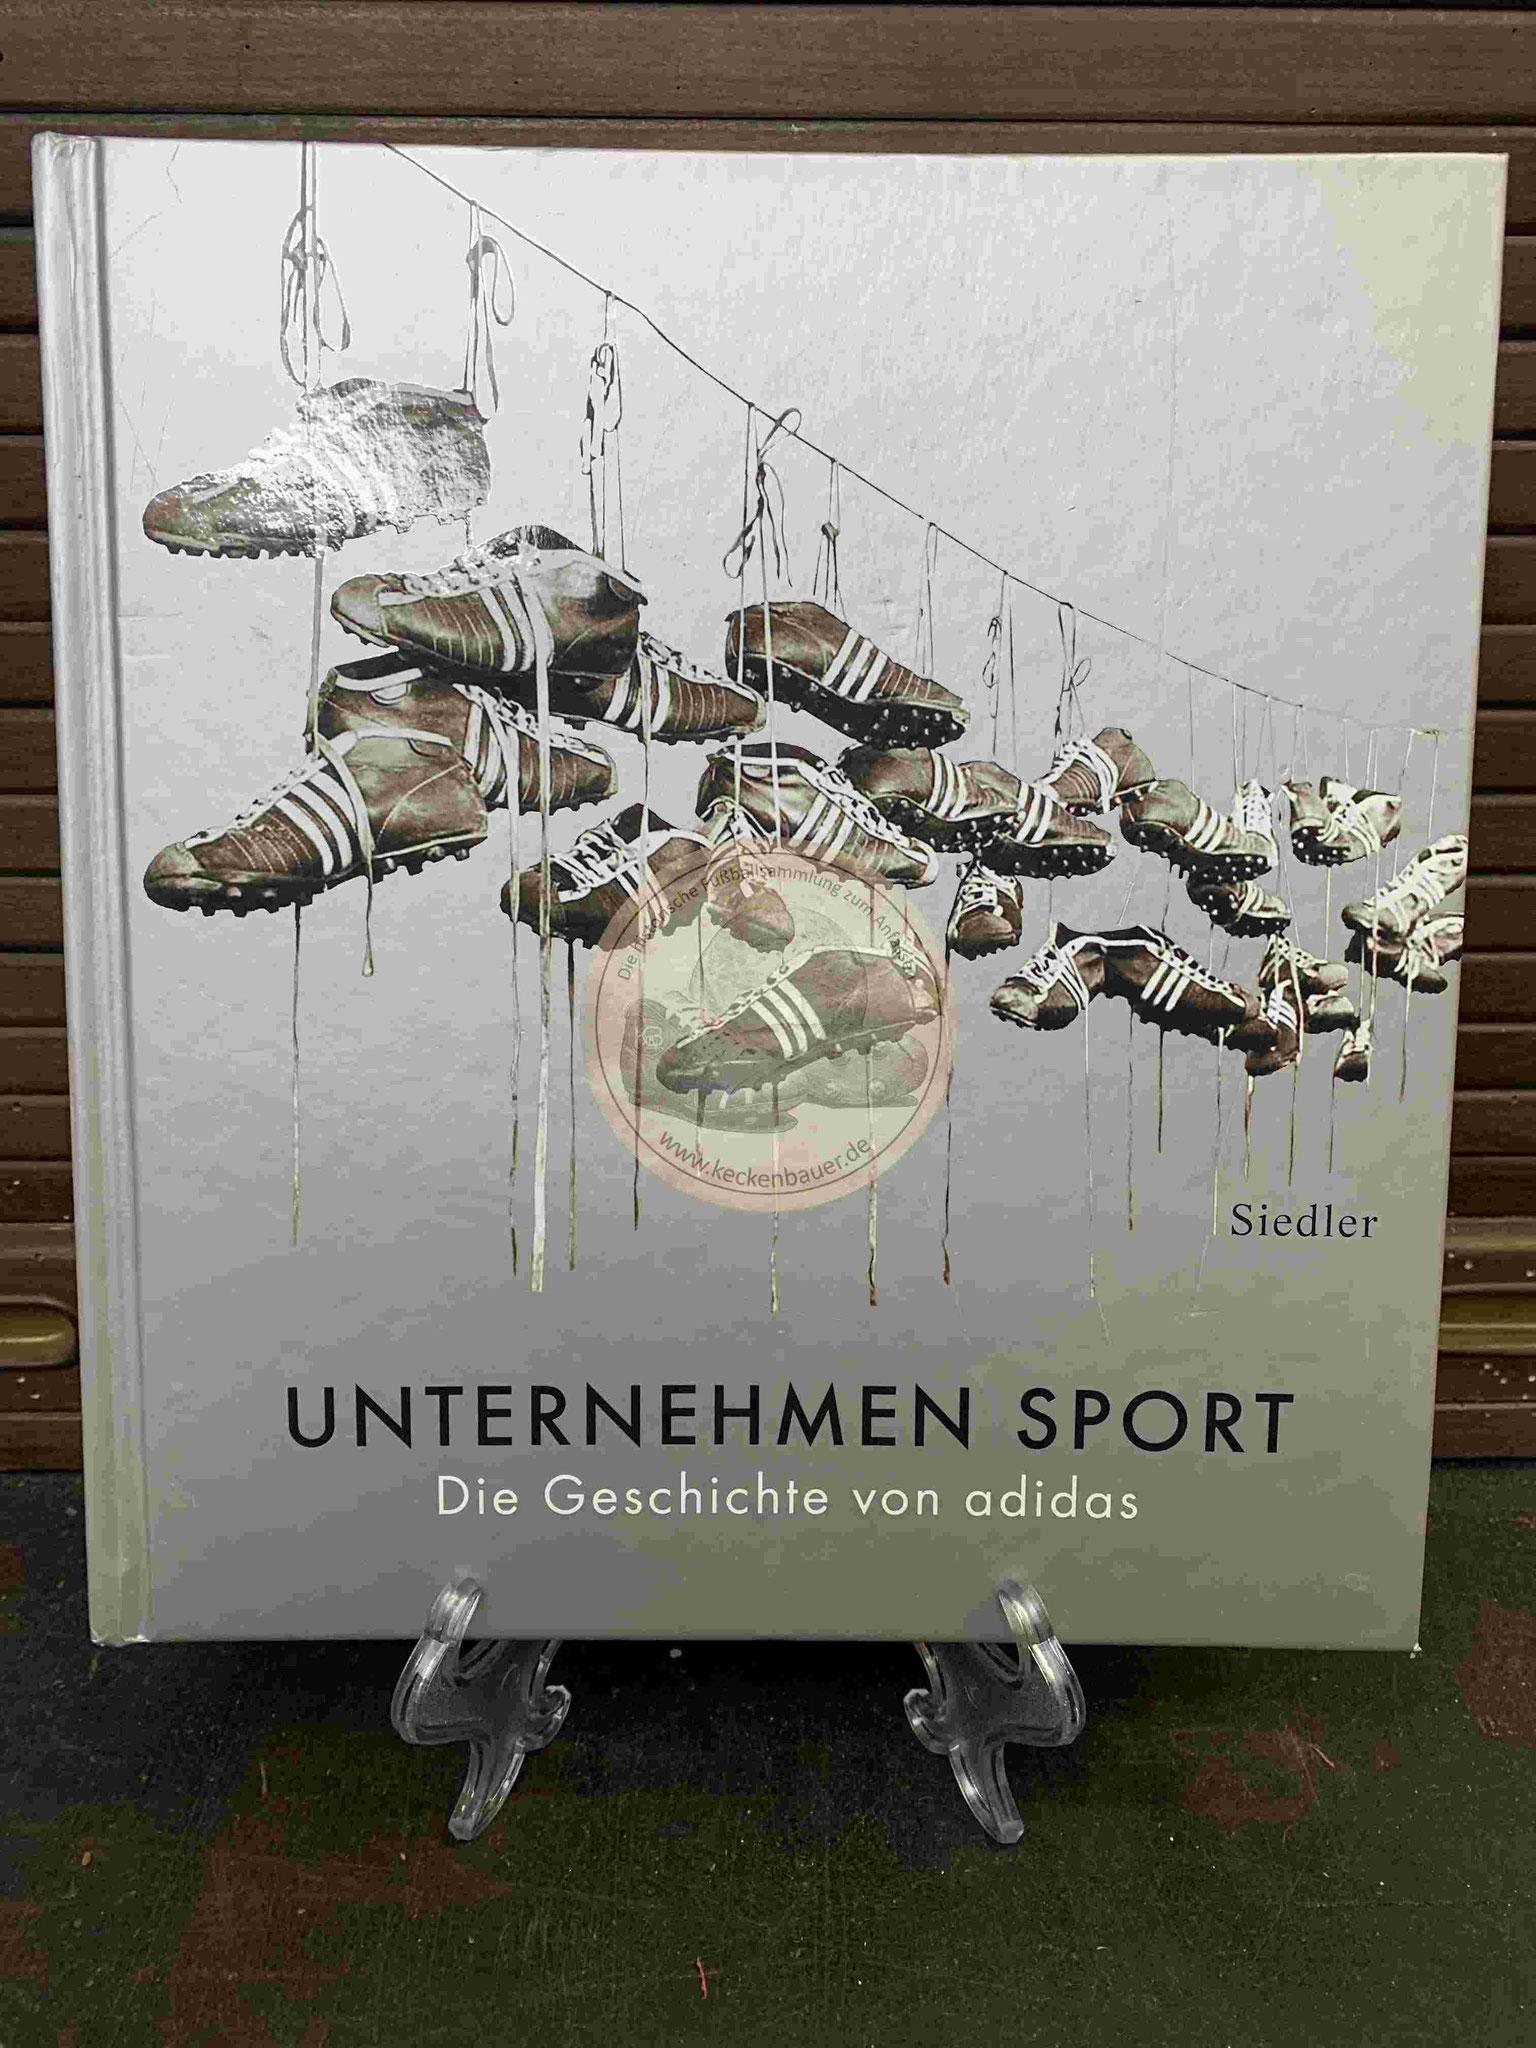 Unternehmen Sport Die Geschichte von Adidas aus dem Jahr 2018